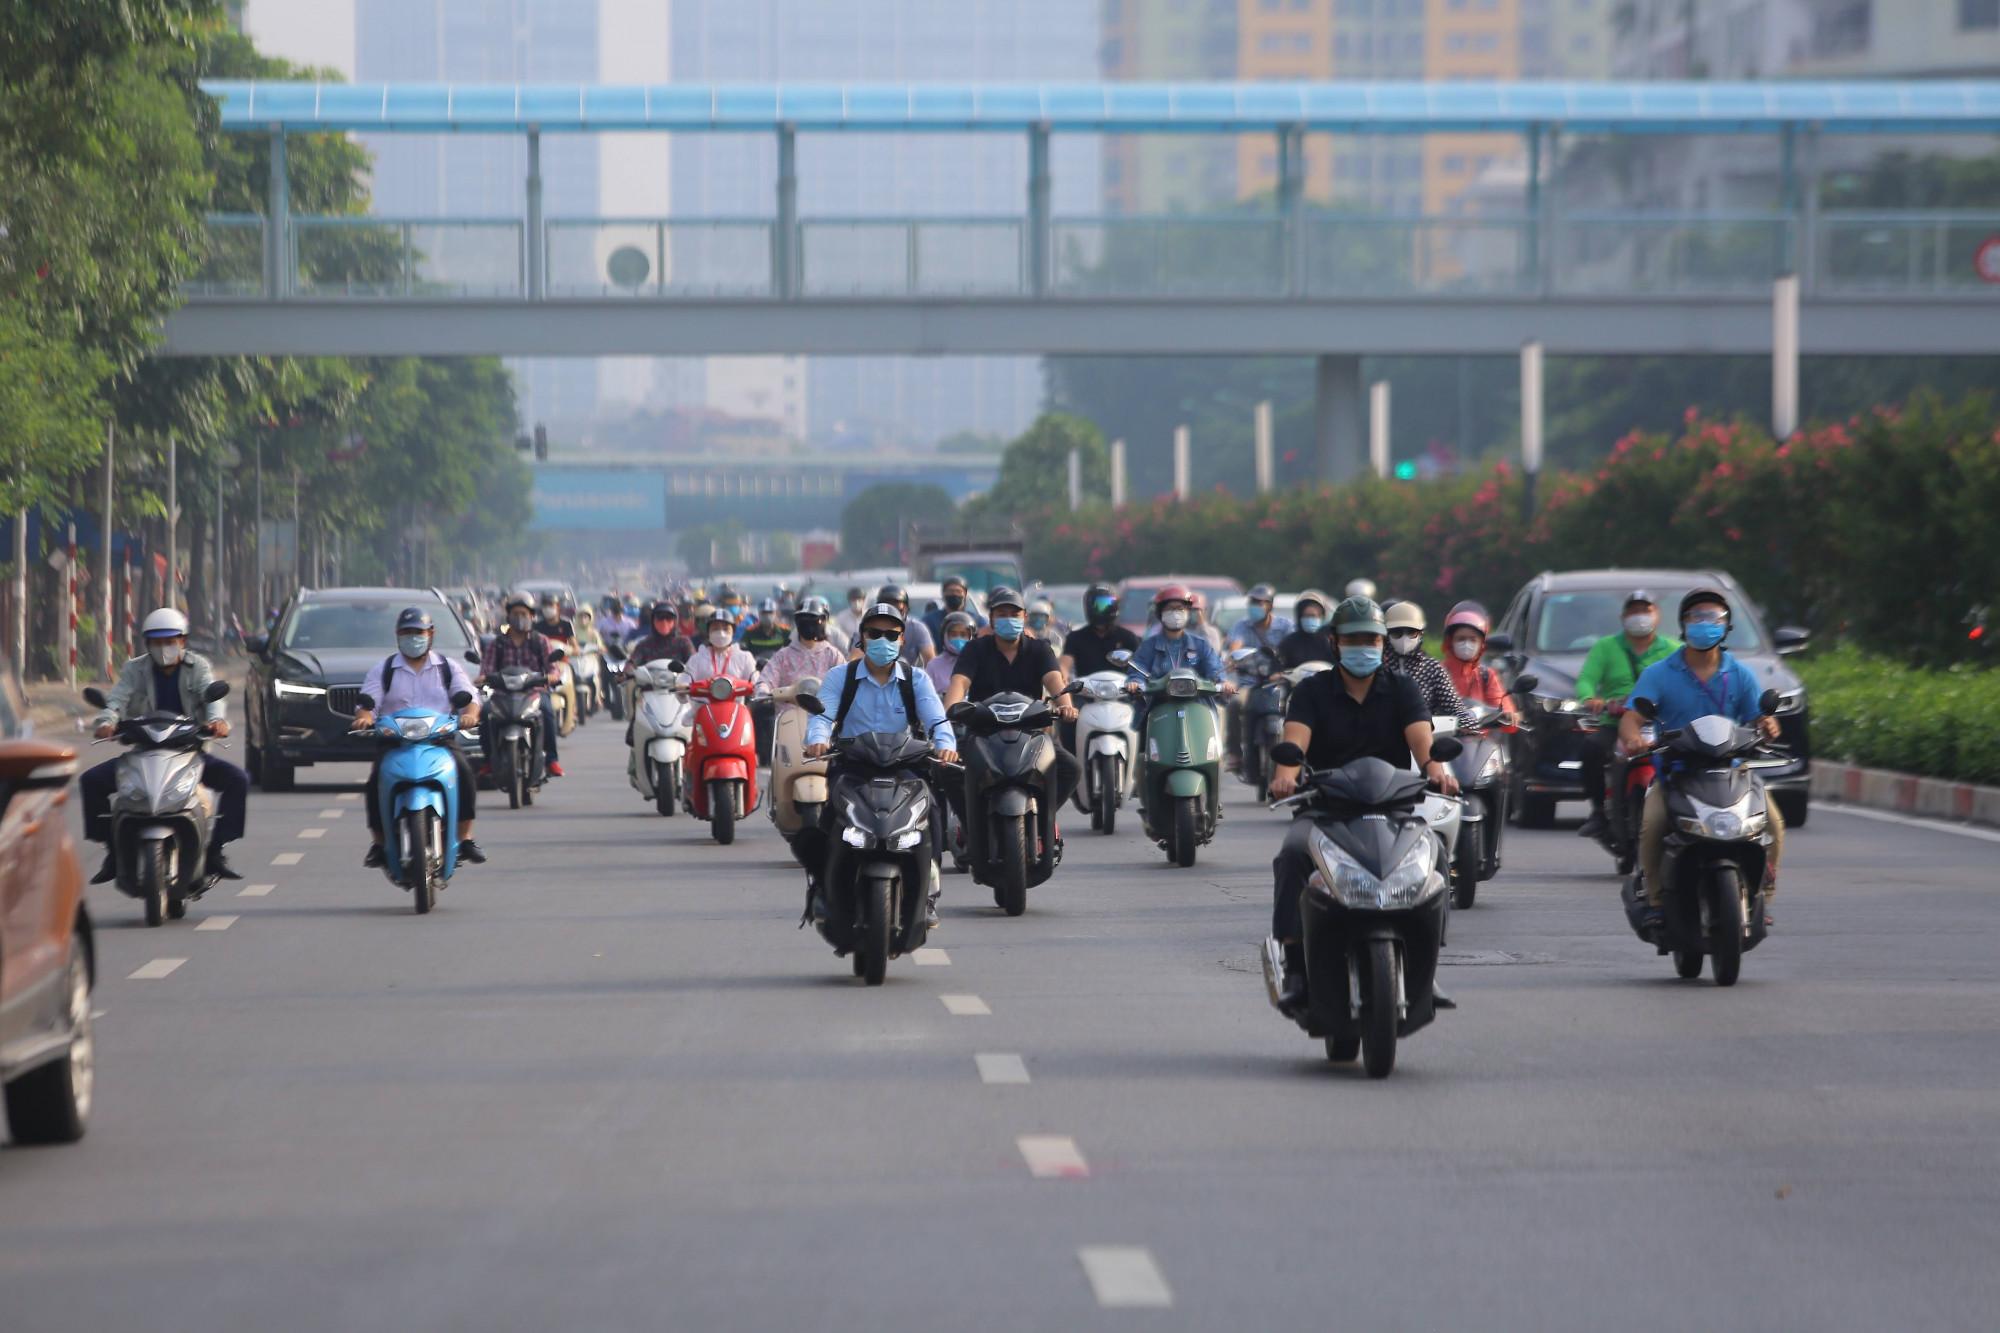 Tại các trục đường chính như Nguyễn Chí Thanh, Trần Duy Hưng mật độ giao thông cao nhưng không ùn tắc do mặt đường Liễu Giai, Văn Cao đã được mở rộng trong thời gian vừa qua.